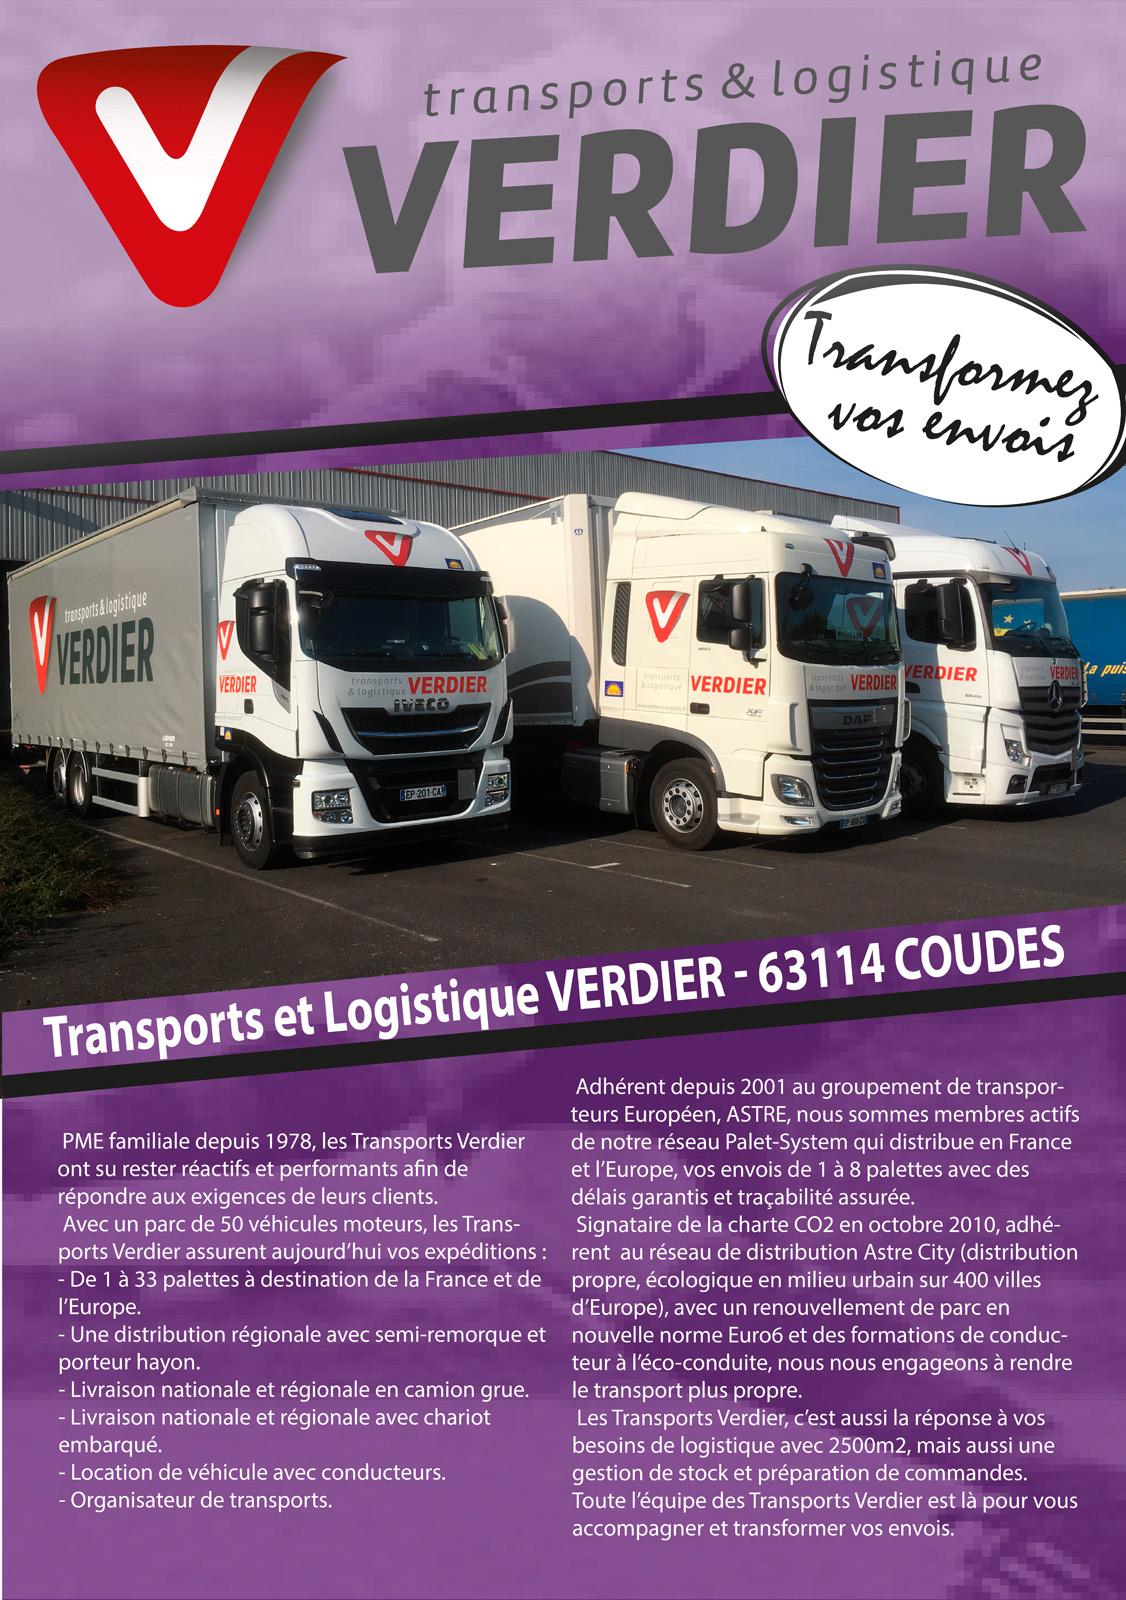 logo SLV - STV (Logistique et Transports Verdier)